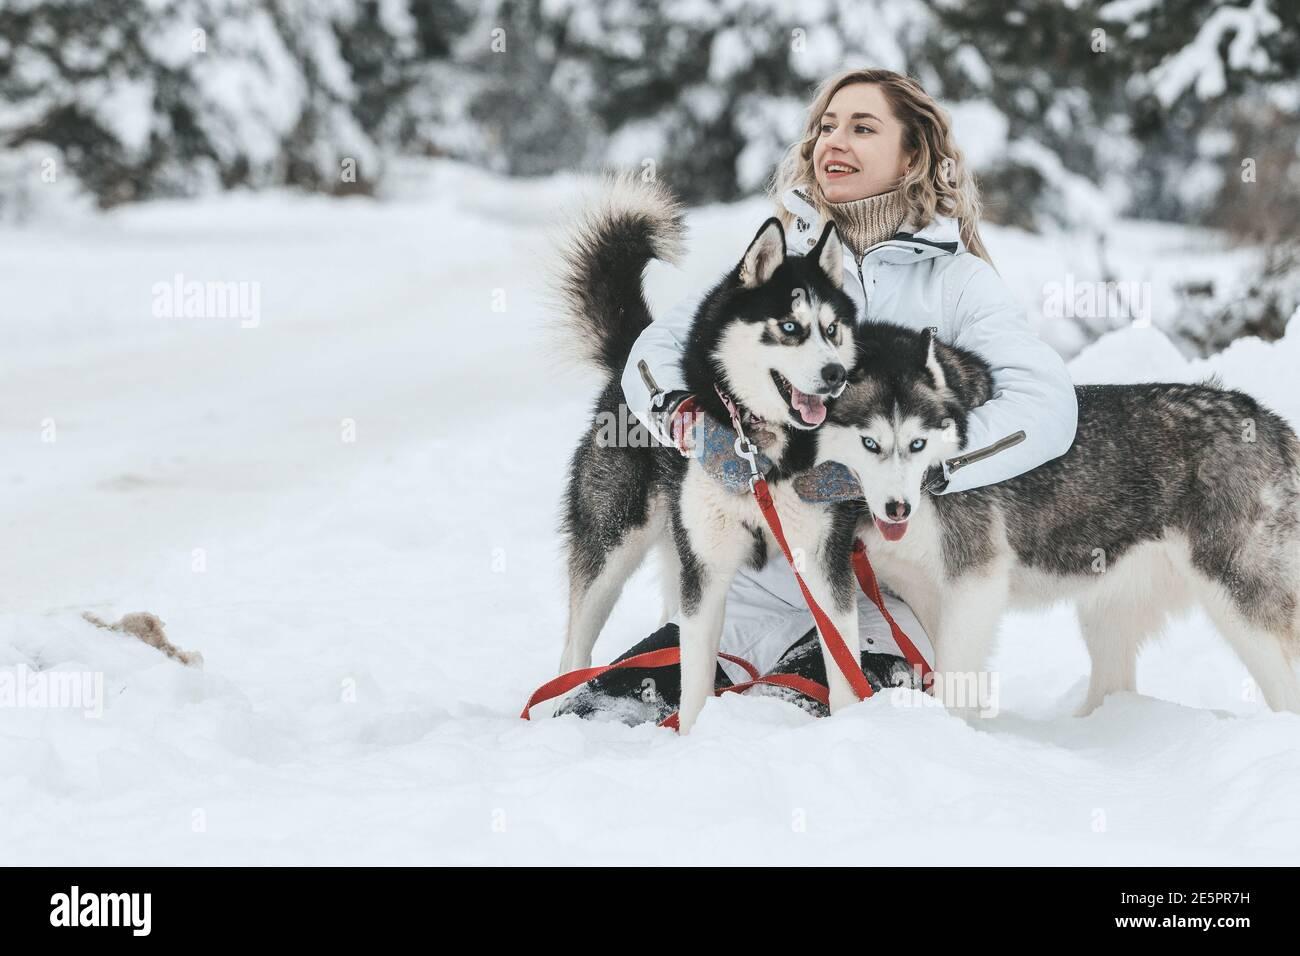 Das Mädchen reitet auf einem Schlitten auf einem Schlitten mit sibirischen Huskies im Winterwald. Haustier. Husky. Husky Art Poster, Husky Print, Stockfoto